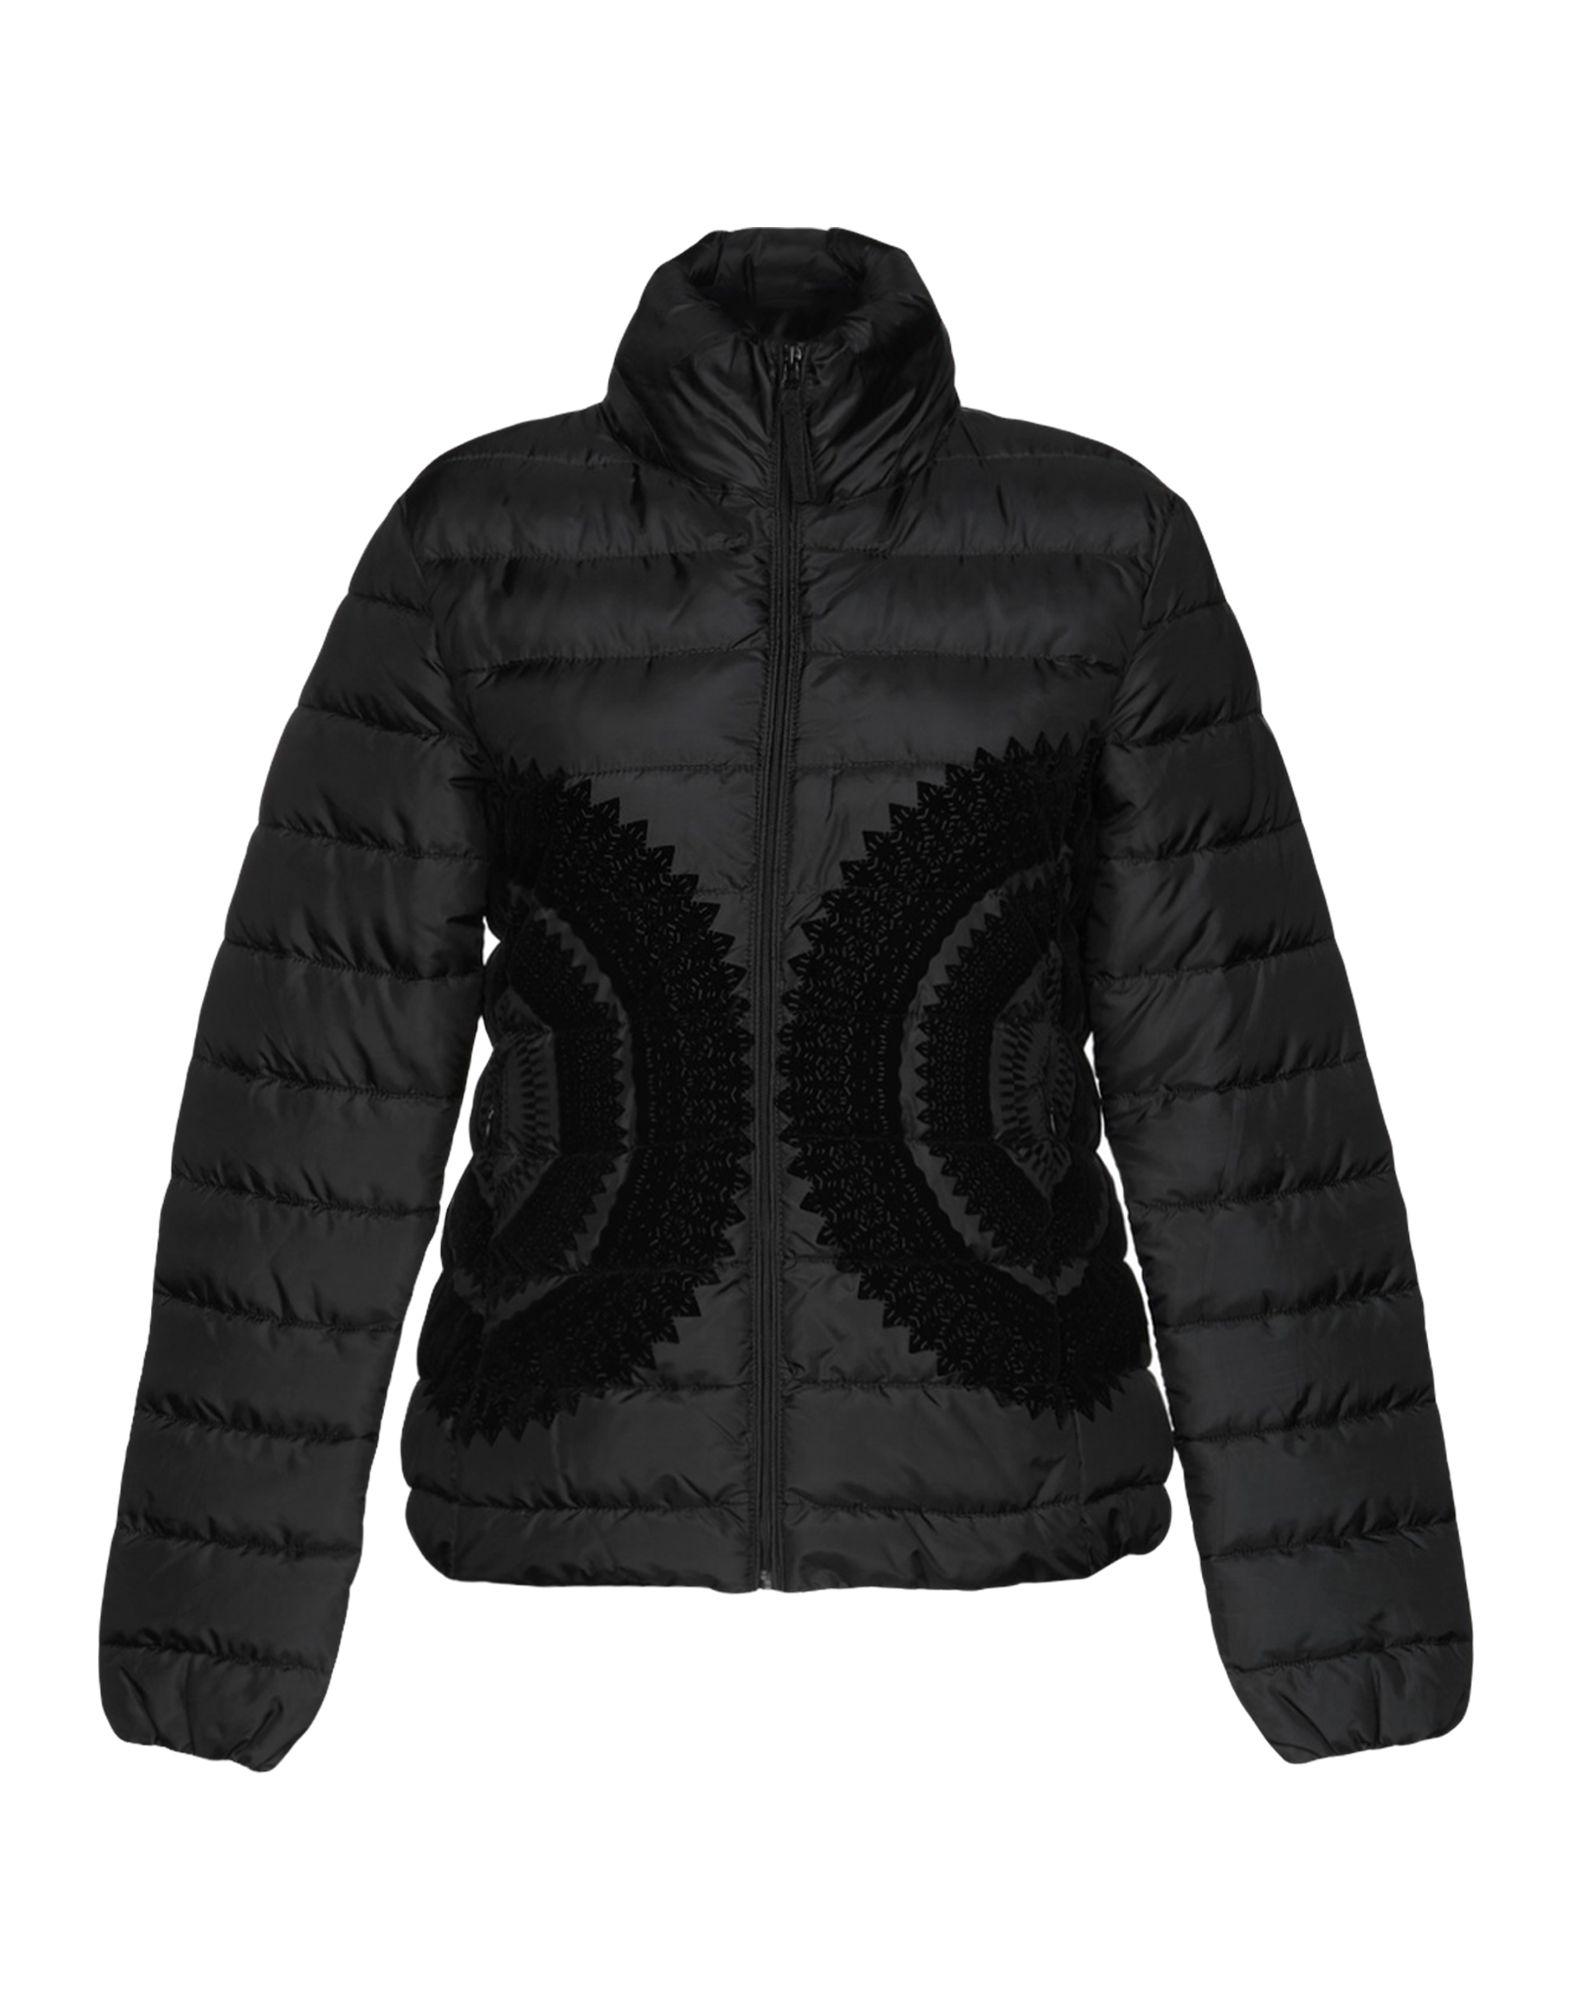 《送料無料》DESIGUAL レディース 合成繊維中綿アウター ブラック 38 ポリエステル 100%